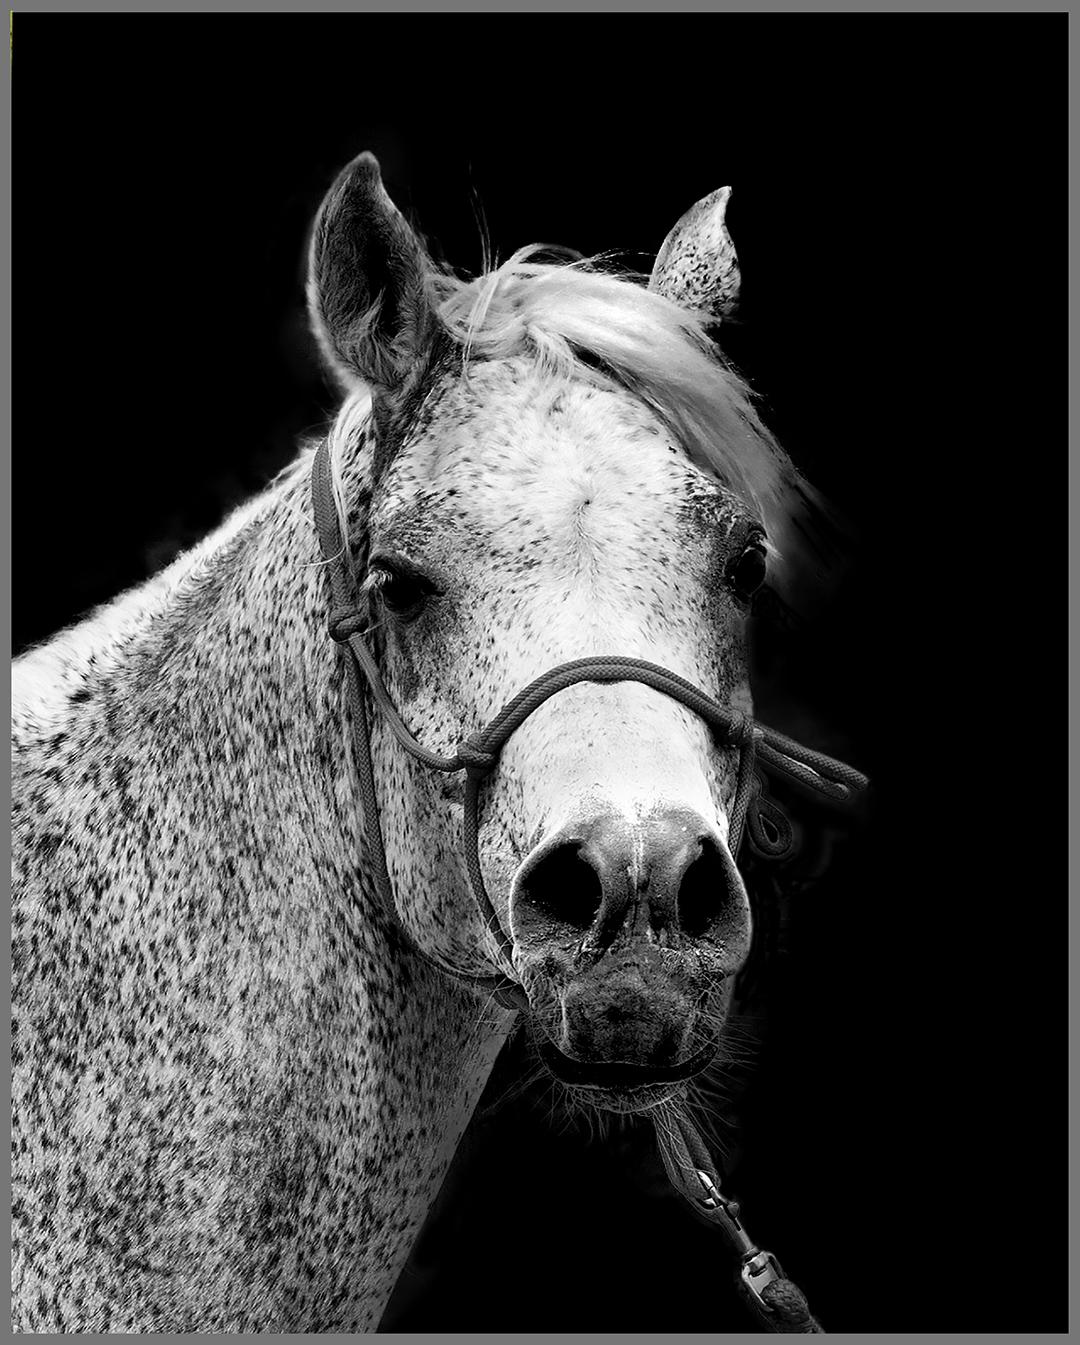 HORSE PROFILE BW